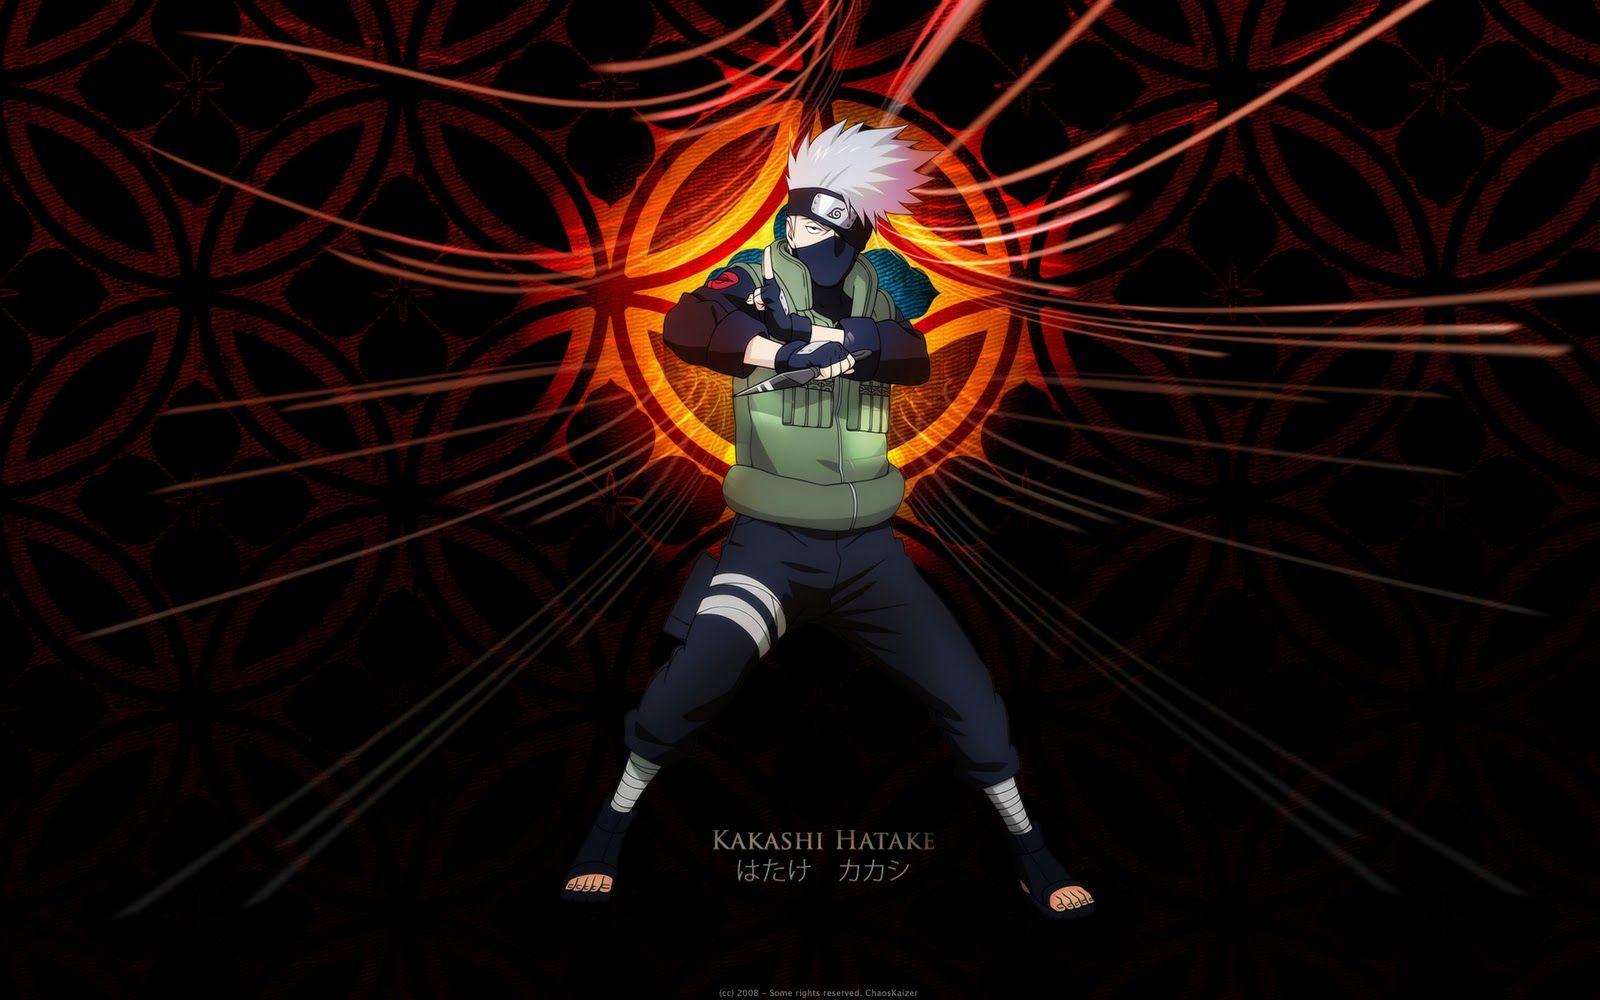 Hd wallpaper naruto - Naruto Hd Wallpapers Backgrounds Wallpaper 1920 1080 Wallpaper Naruto Hd Adorable Wallpapers